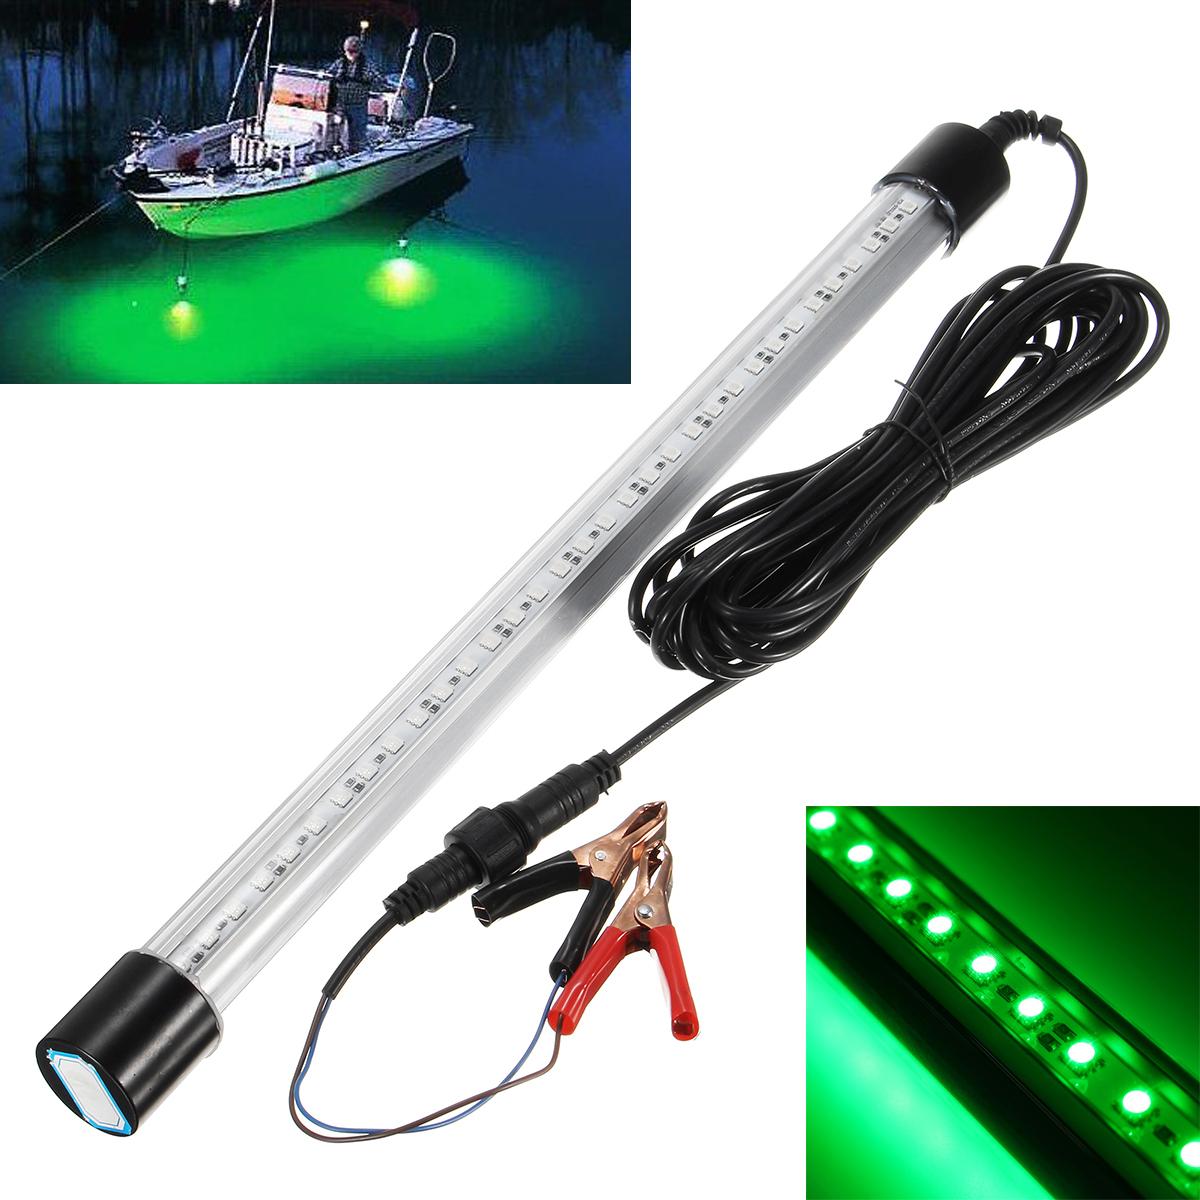 12V 60cm LED Green Fishing Light Underwater Submersible